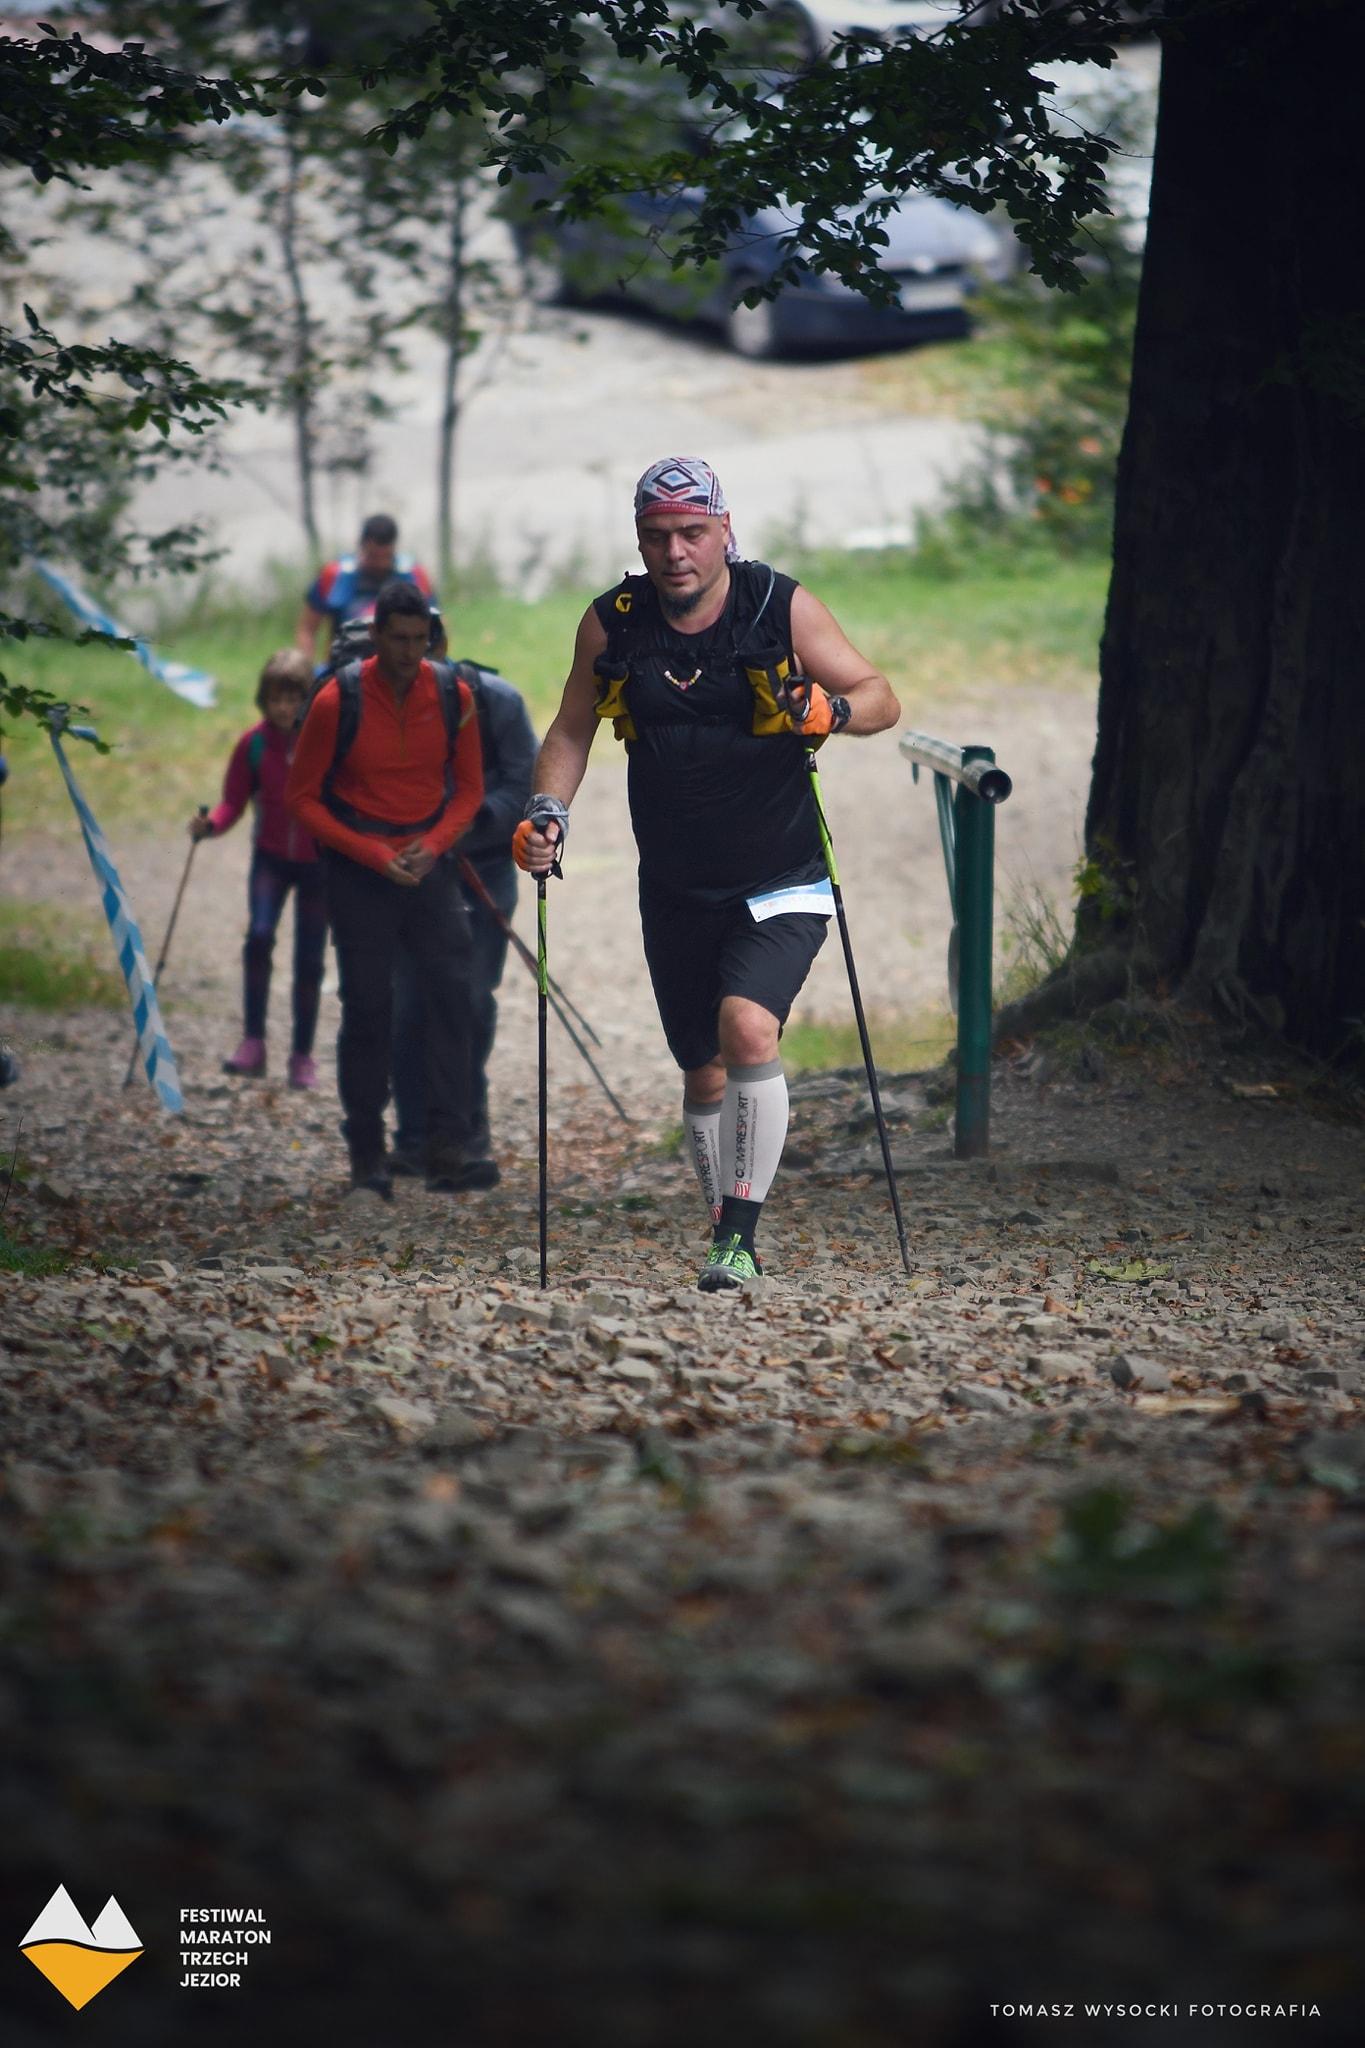 Maraton Trzech Jezior - czerń wyszczupla